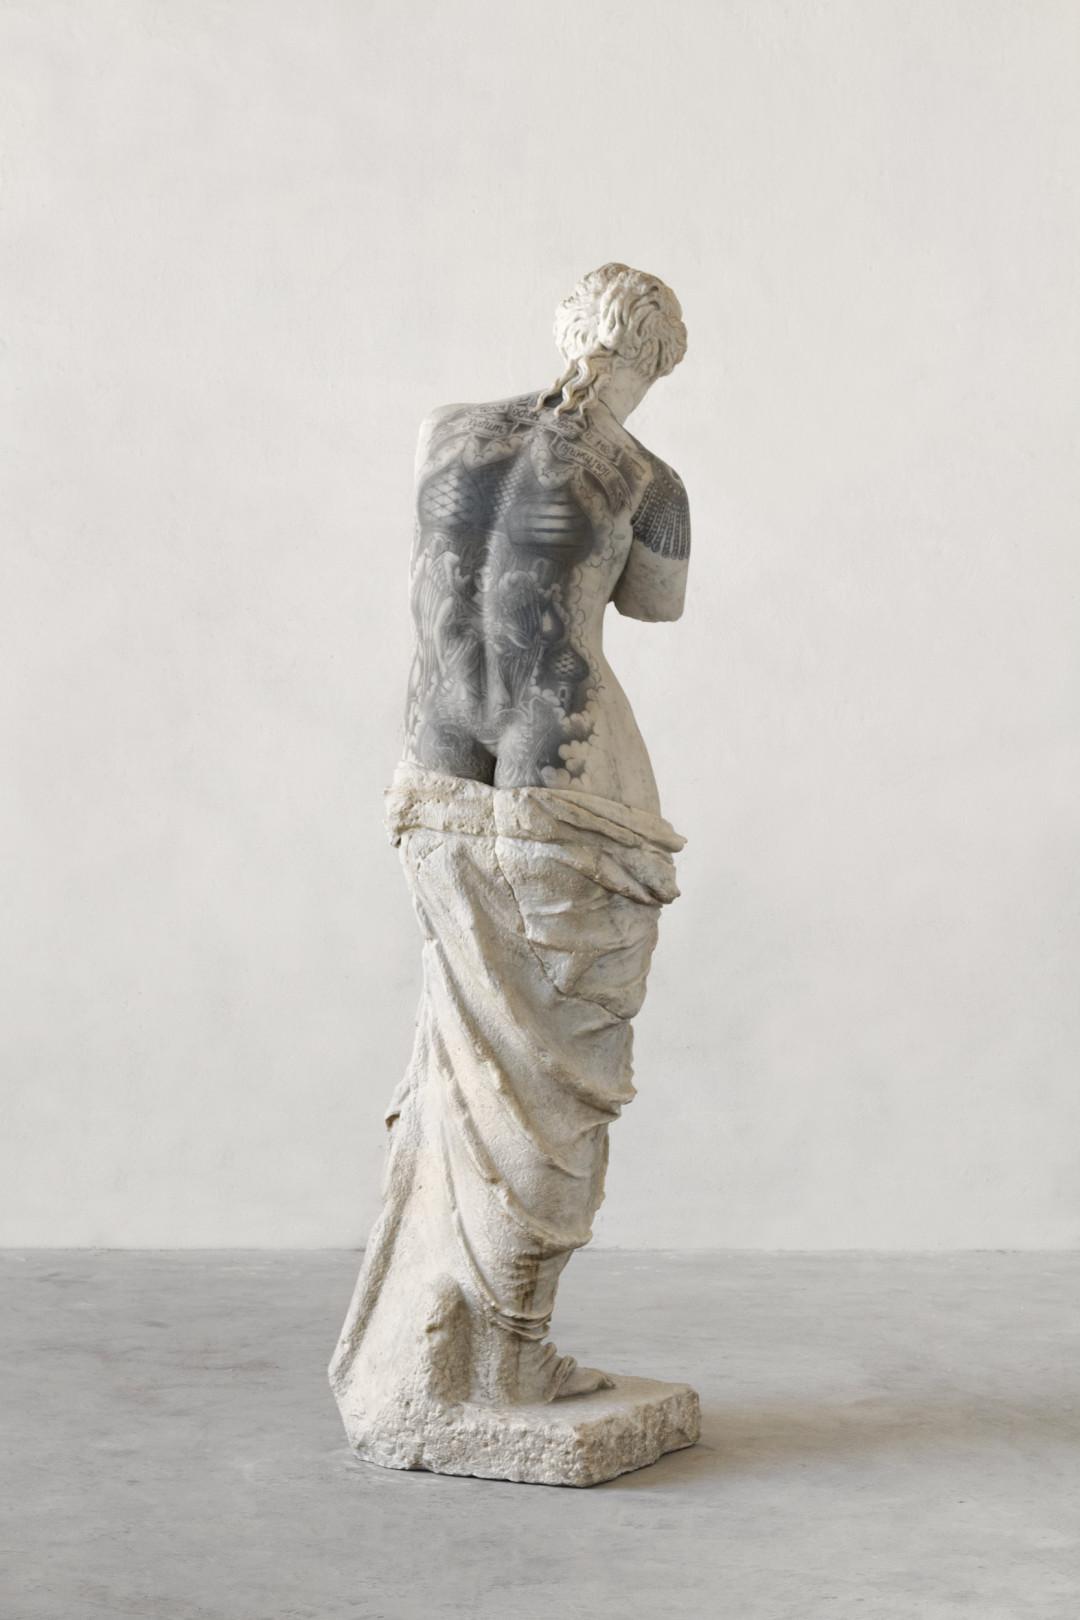 venus-2017-marmo-bianco-e-pigmenti-cm-214-x-68-x-65-img88923